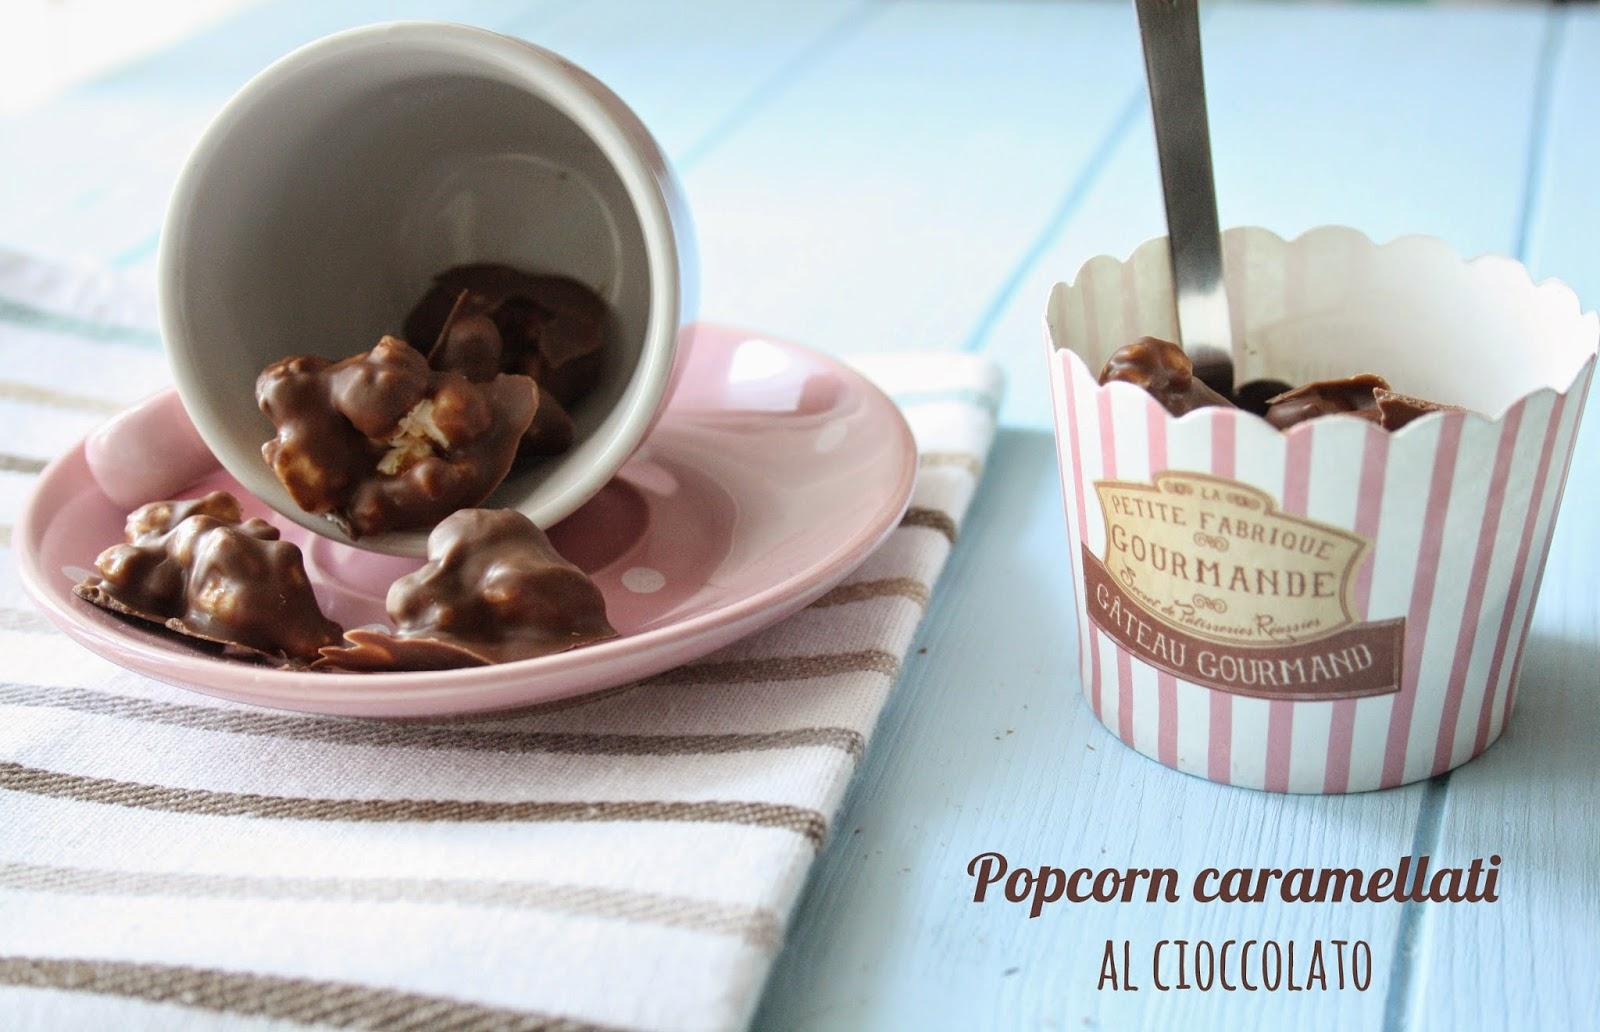 popcorn caramellati al cioccolato